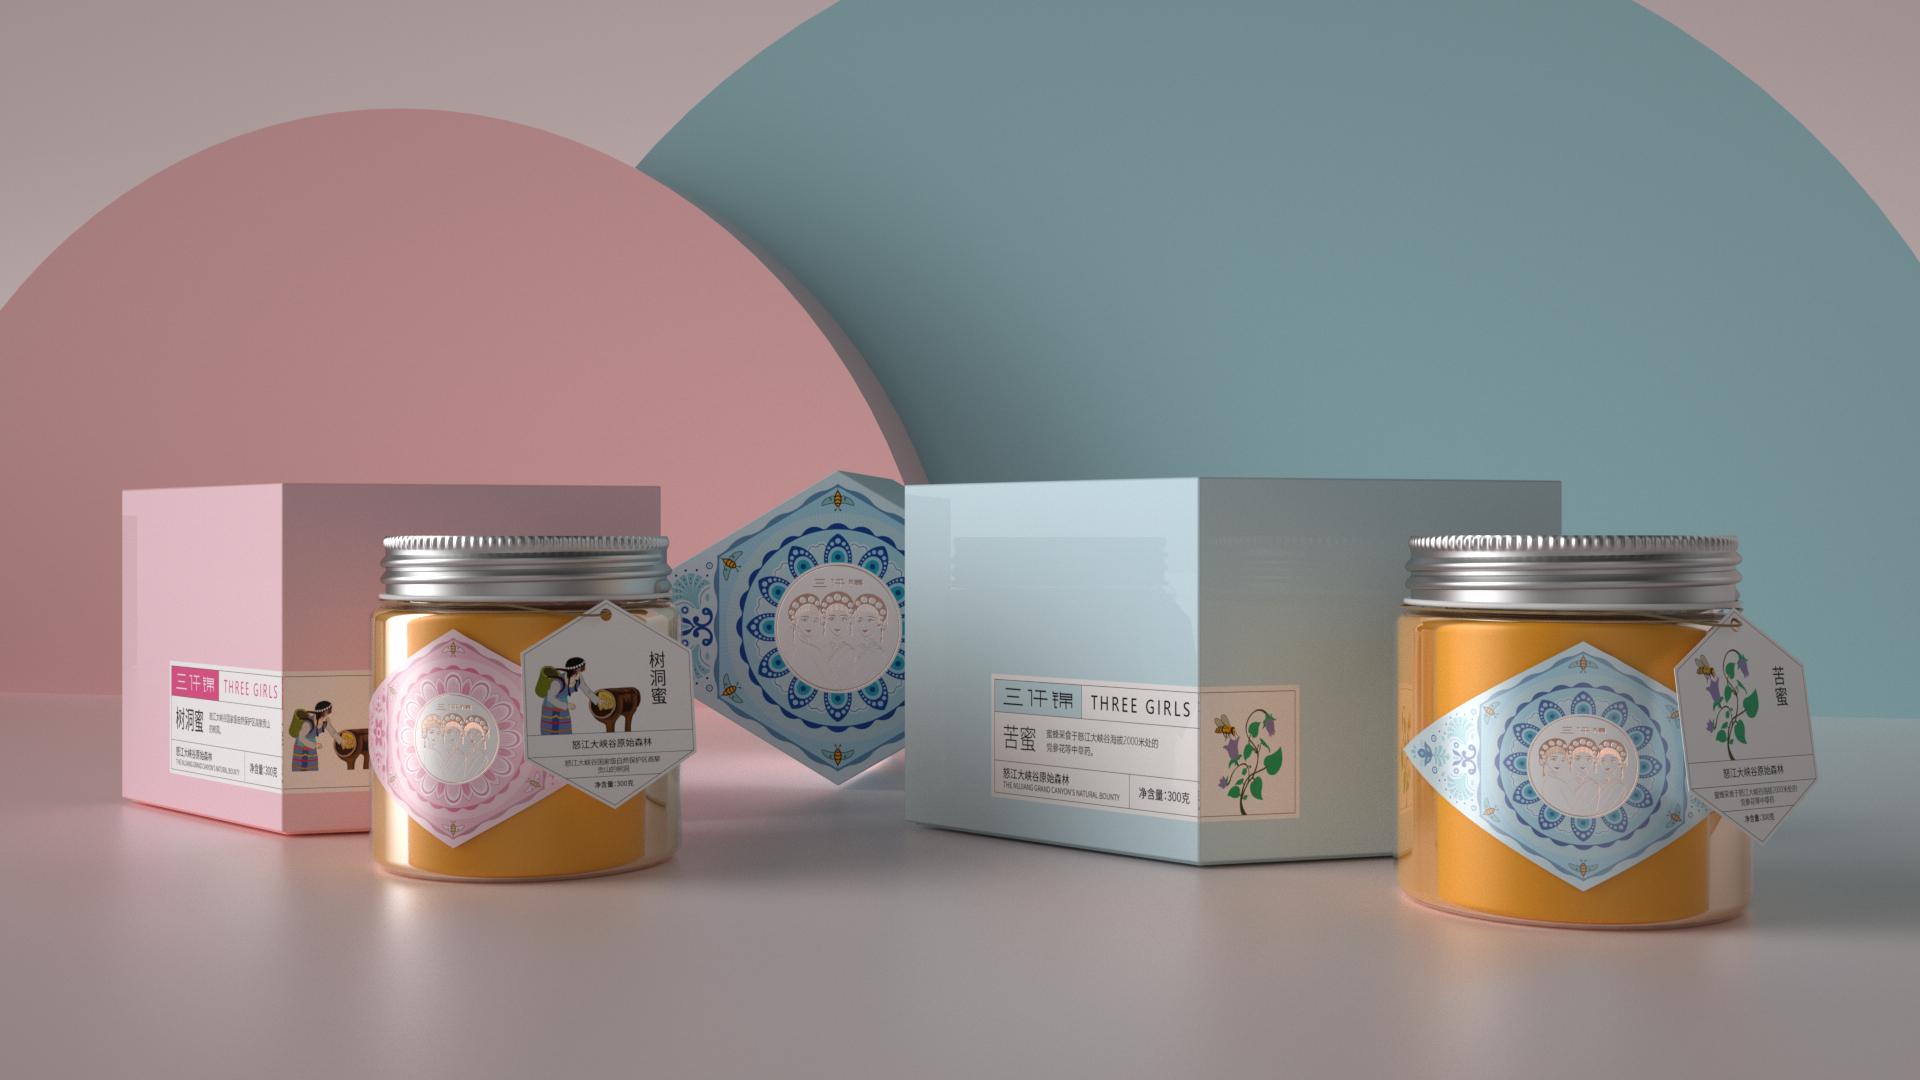 网上蜂蜜广告方案_蜂蜜包装设计案例 平面 包装 三鹰堂作案团伙 - 原创作品 - 站酷 ...